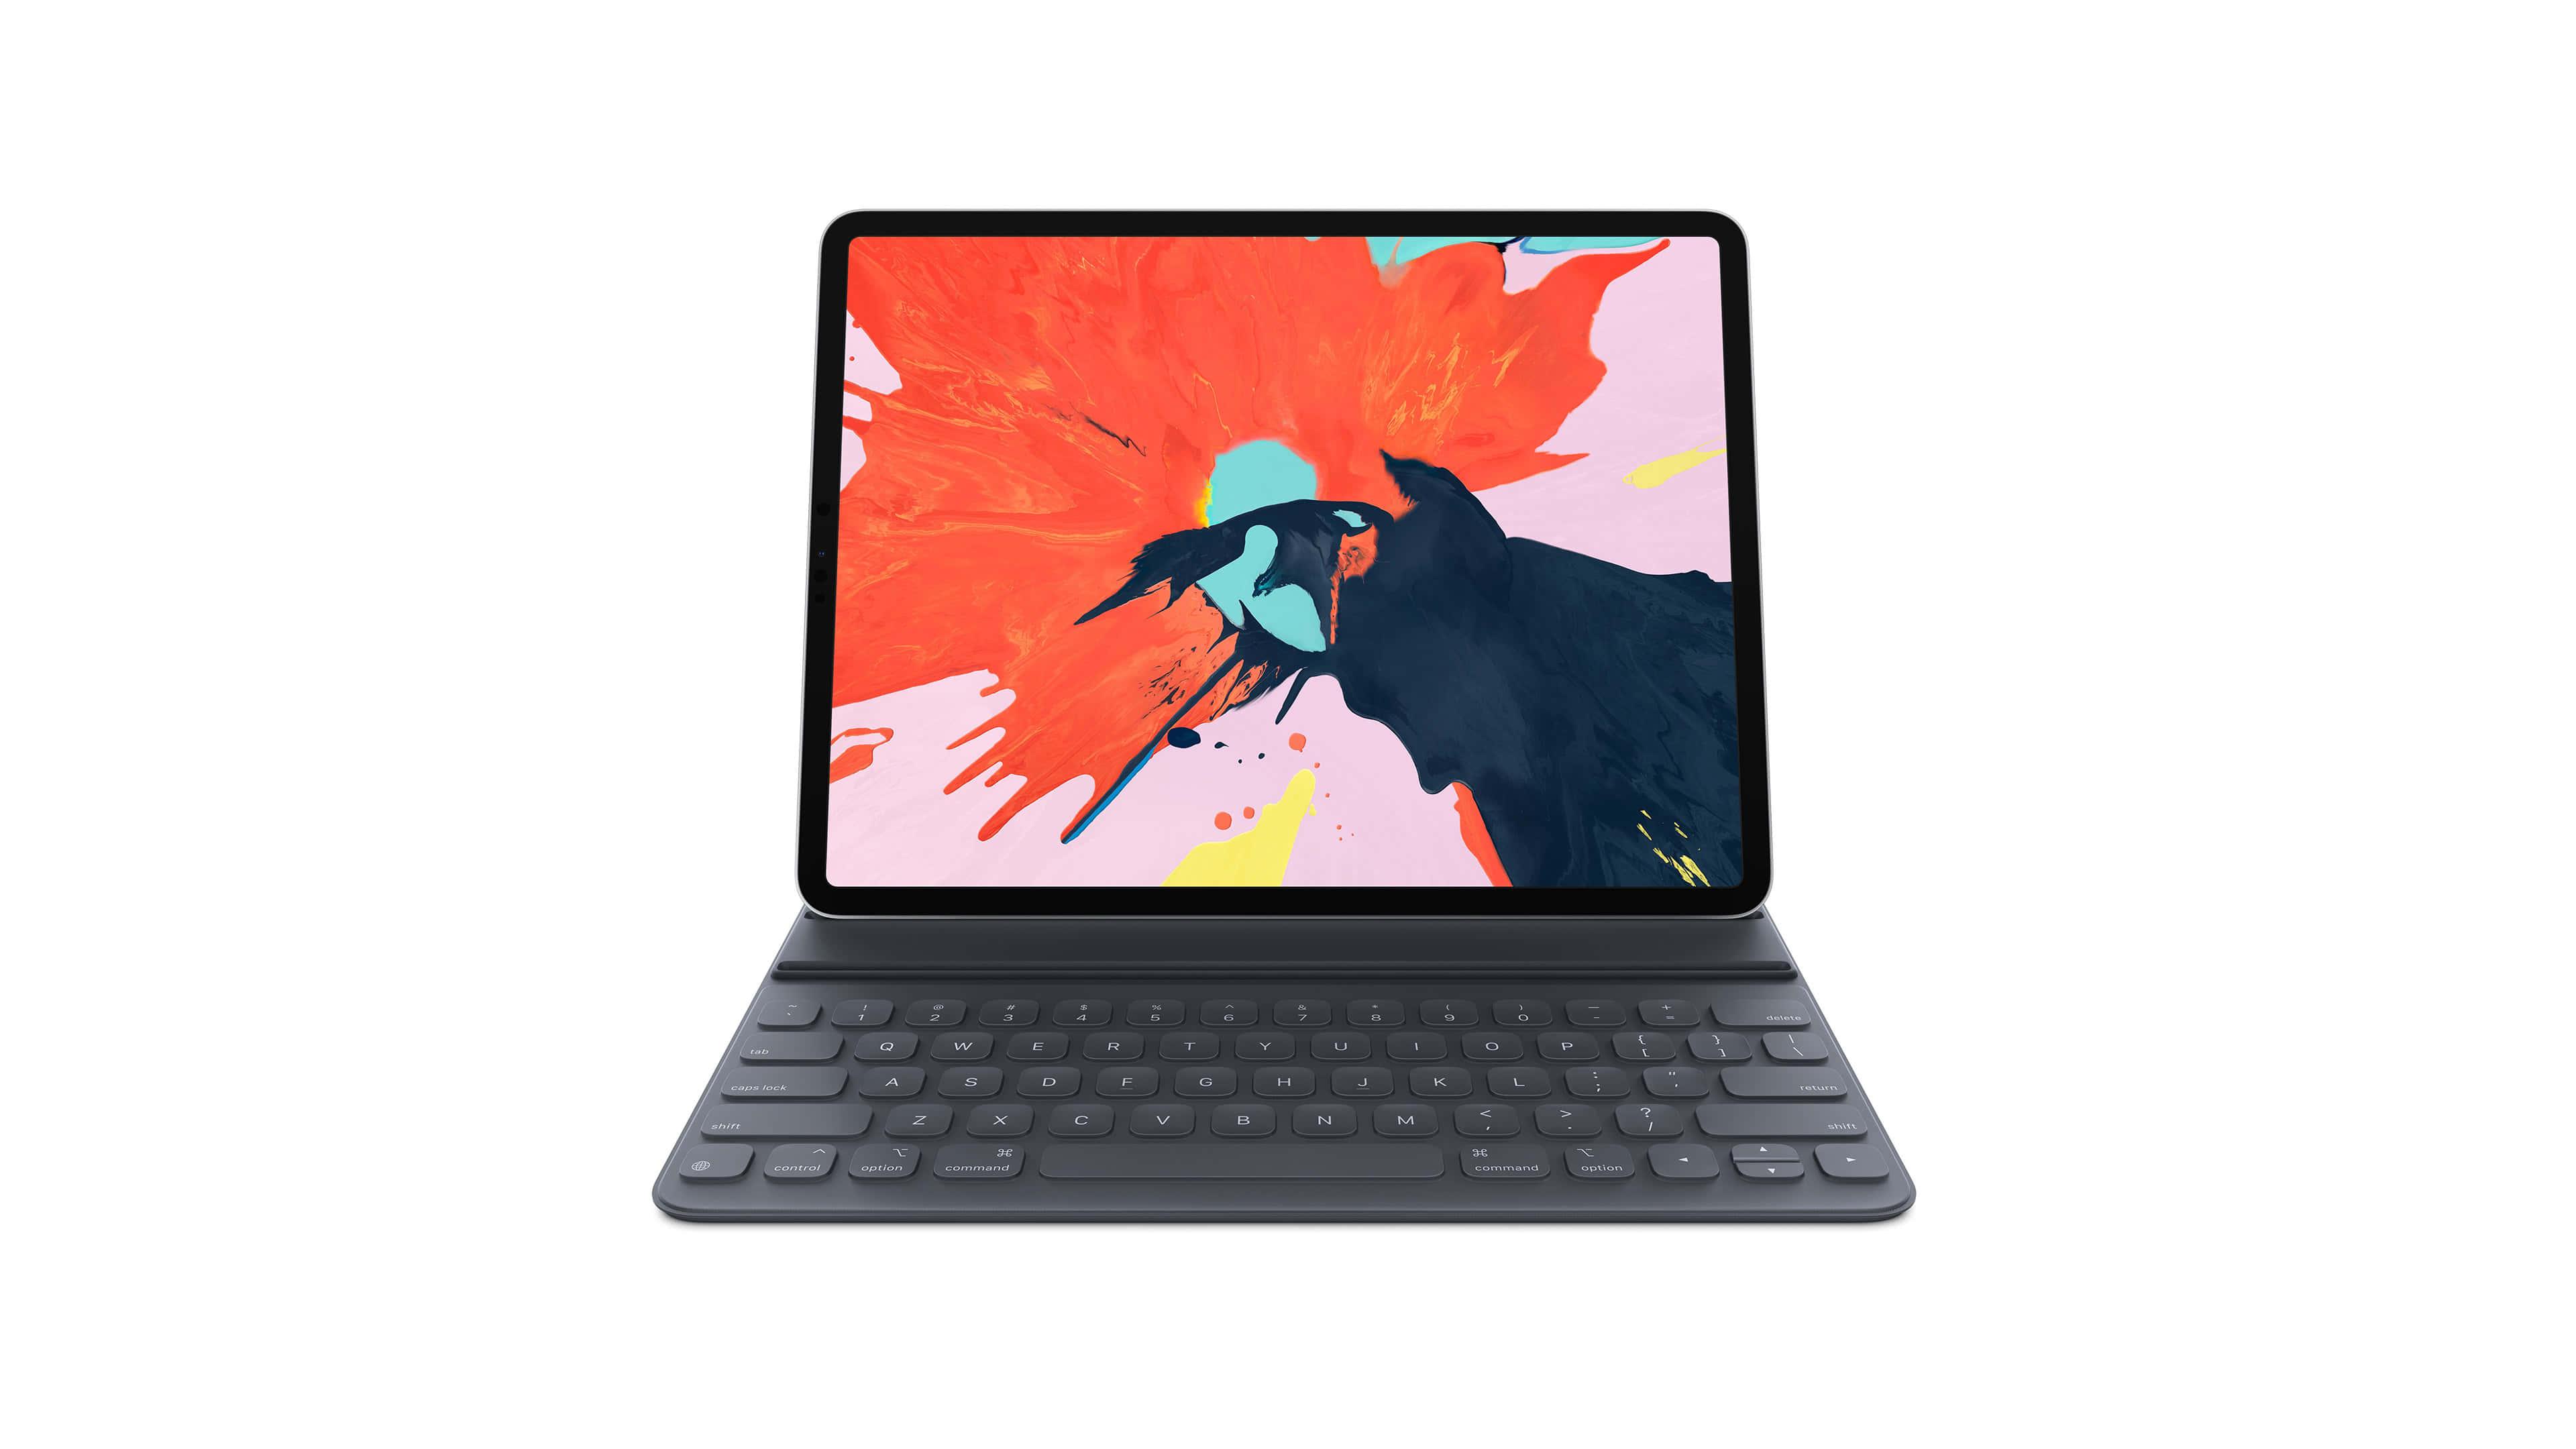 apple ipad pro 12.9 3rd generation keyboard case uhd 4k wallpaper